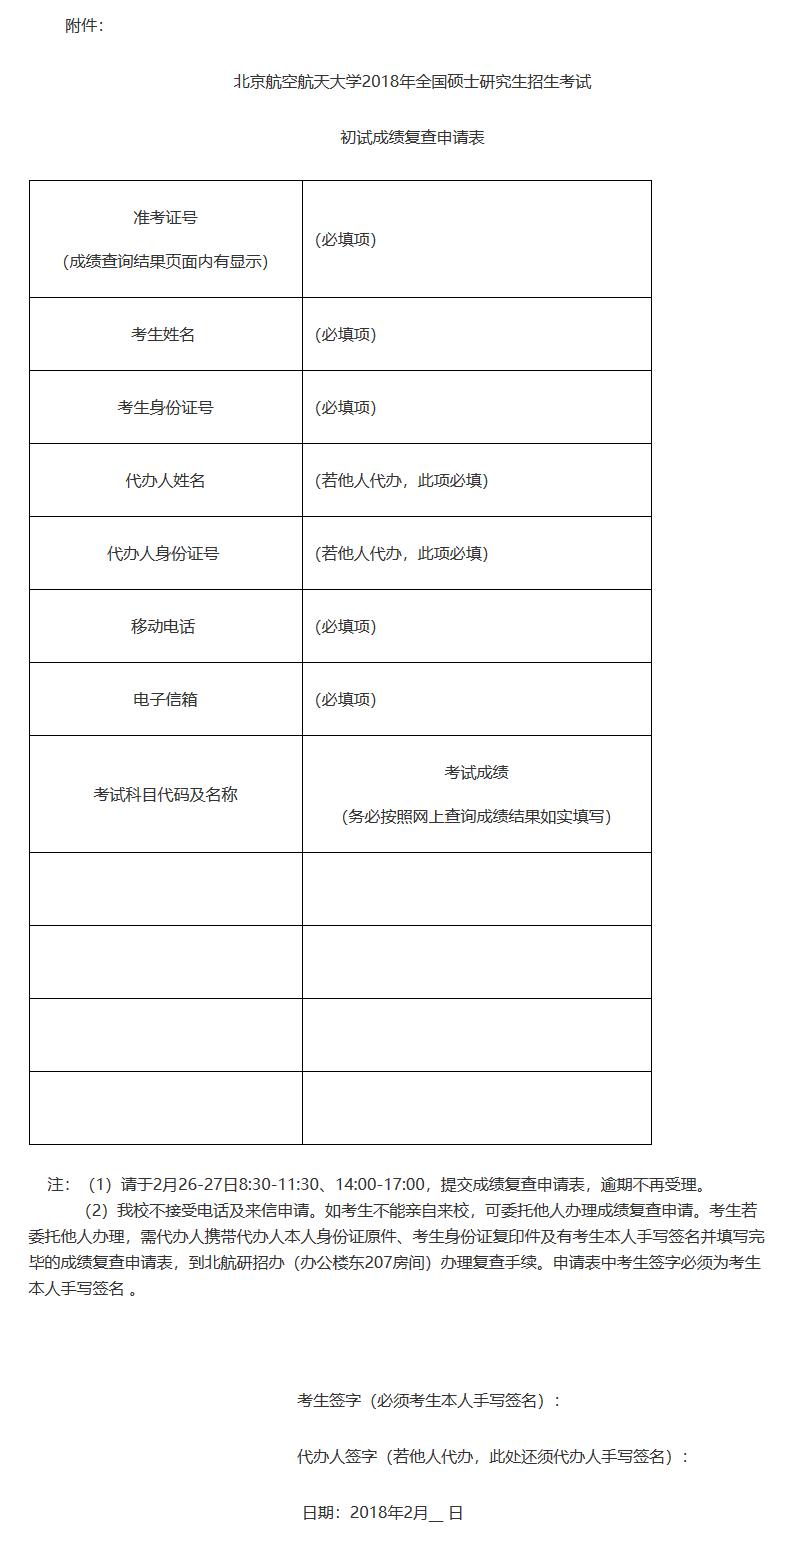 北京航空航天大学2018年考研成绩查询入口